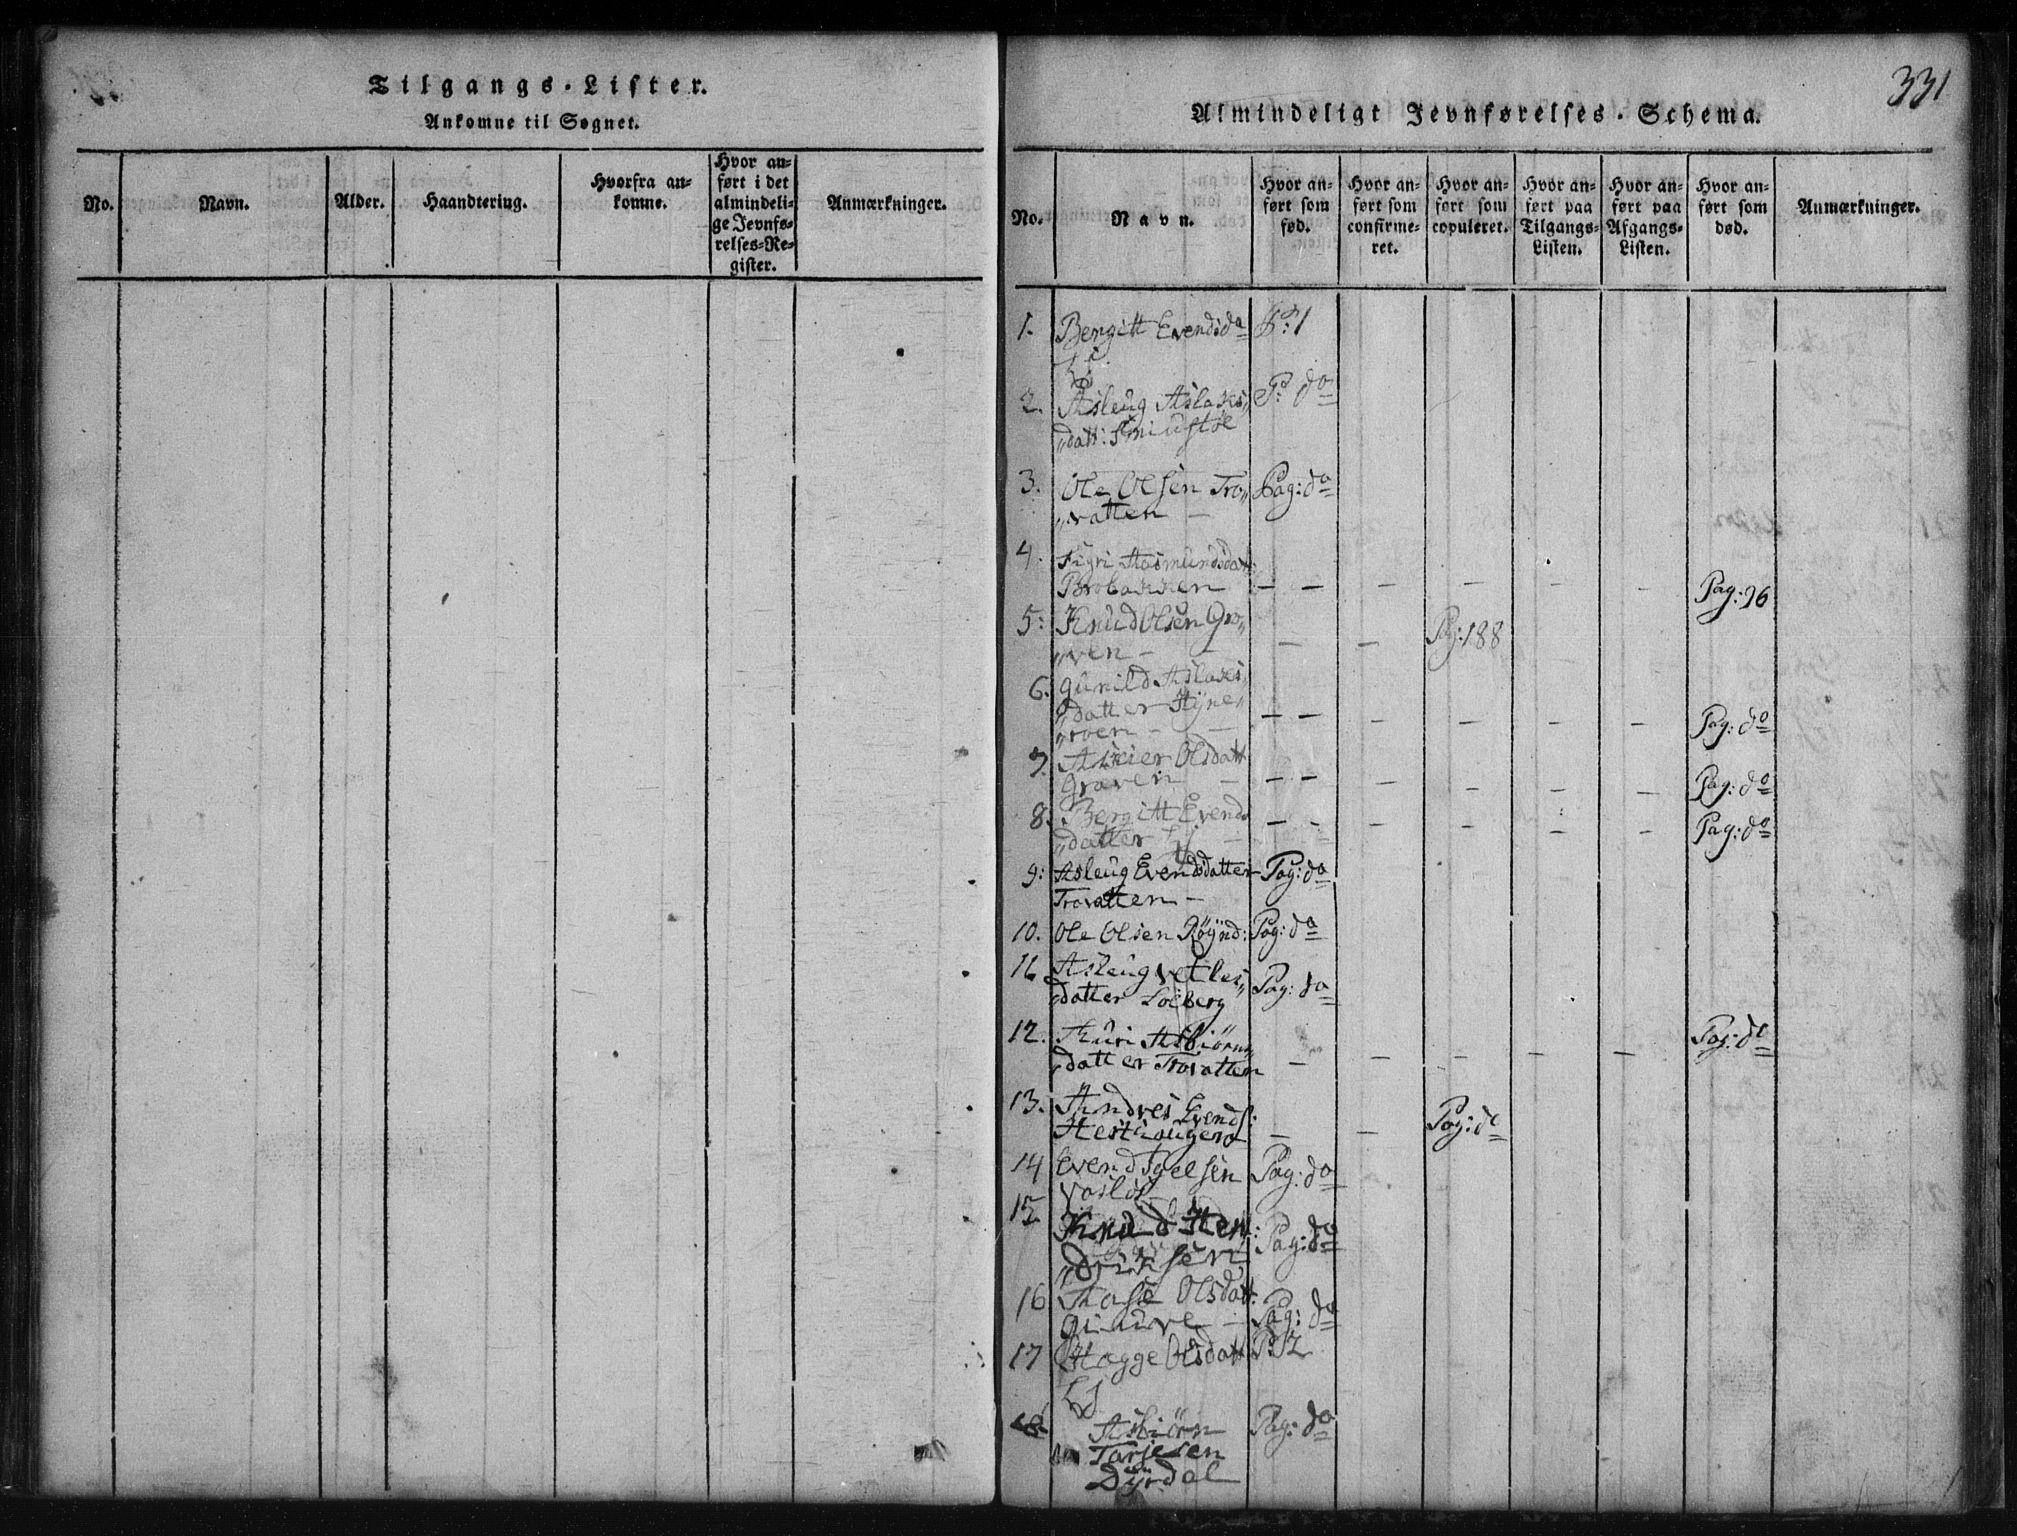 SAKO, Rauland kirkebøker, G/Gb/L0001: Klokkerbok nr. II 1, 1815-1886, s. 331